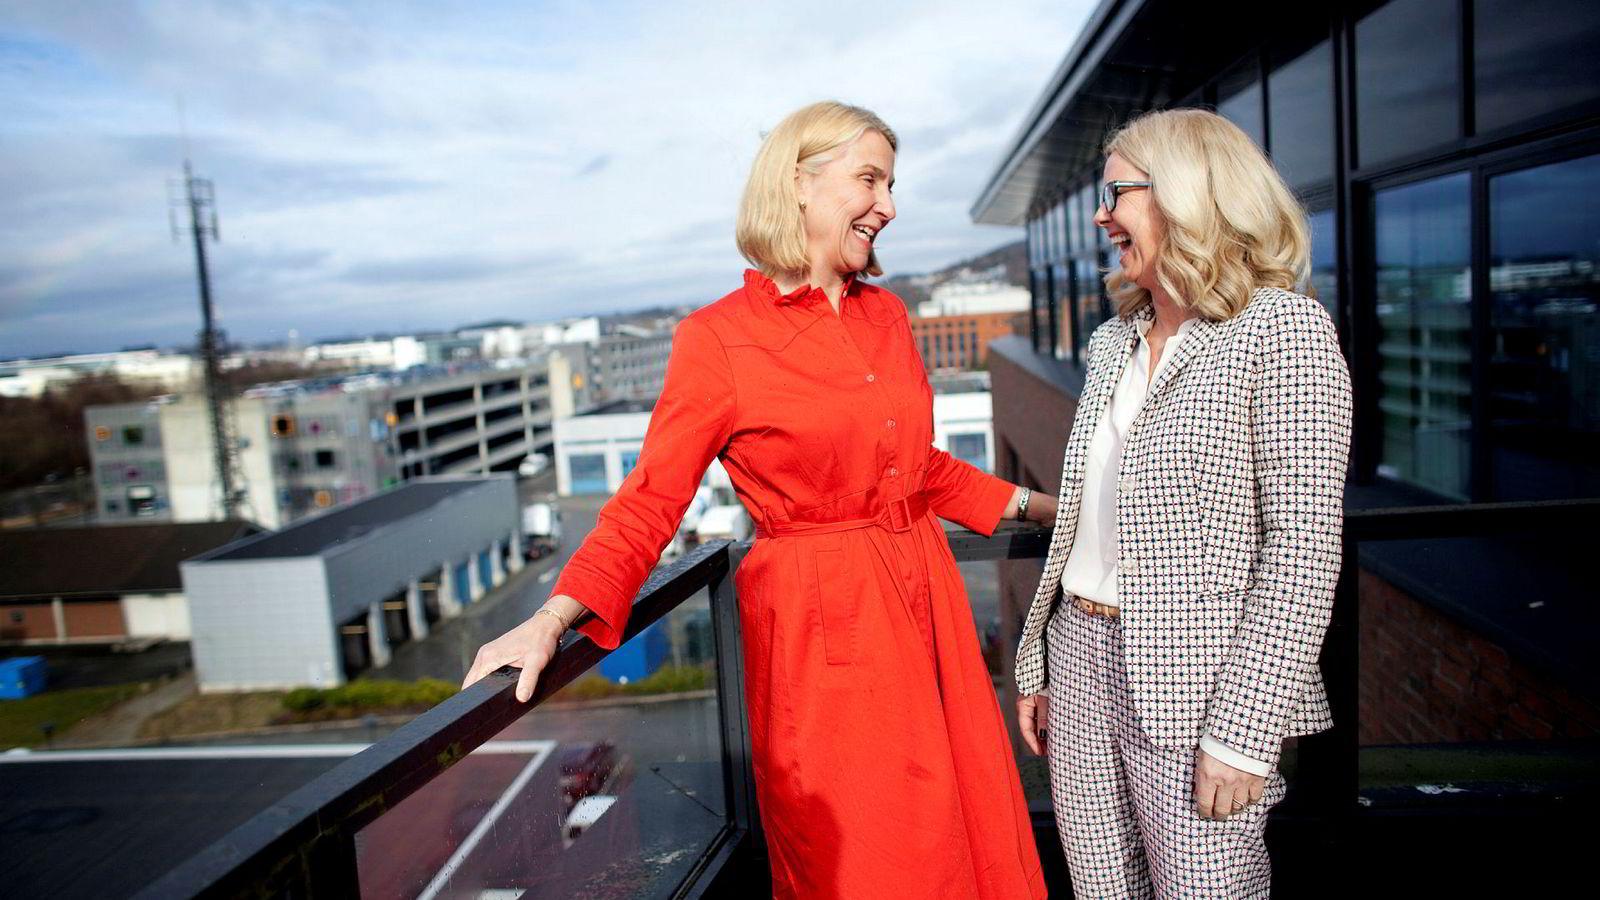 Kristin Kragseth og Kristin Færøvik er begge fra Bergen, leder hvert sitt oljeselskap og er med i styret av bransjeorganisasjonen Norsk olje og gass. Her står de på balkongen under et styremøte.